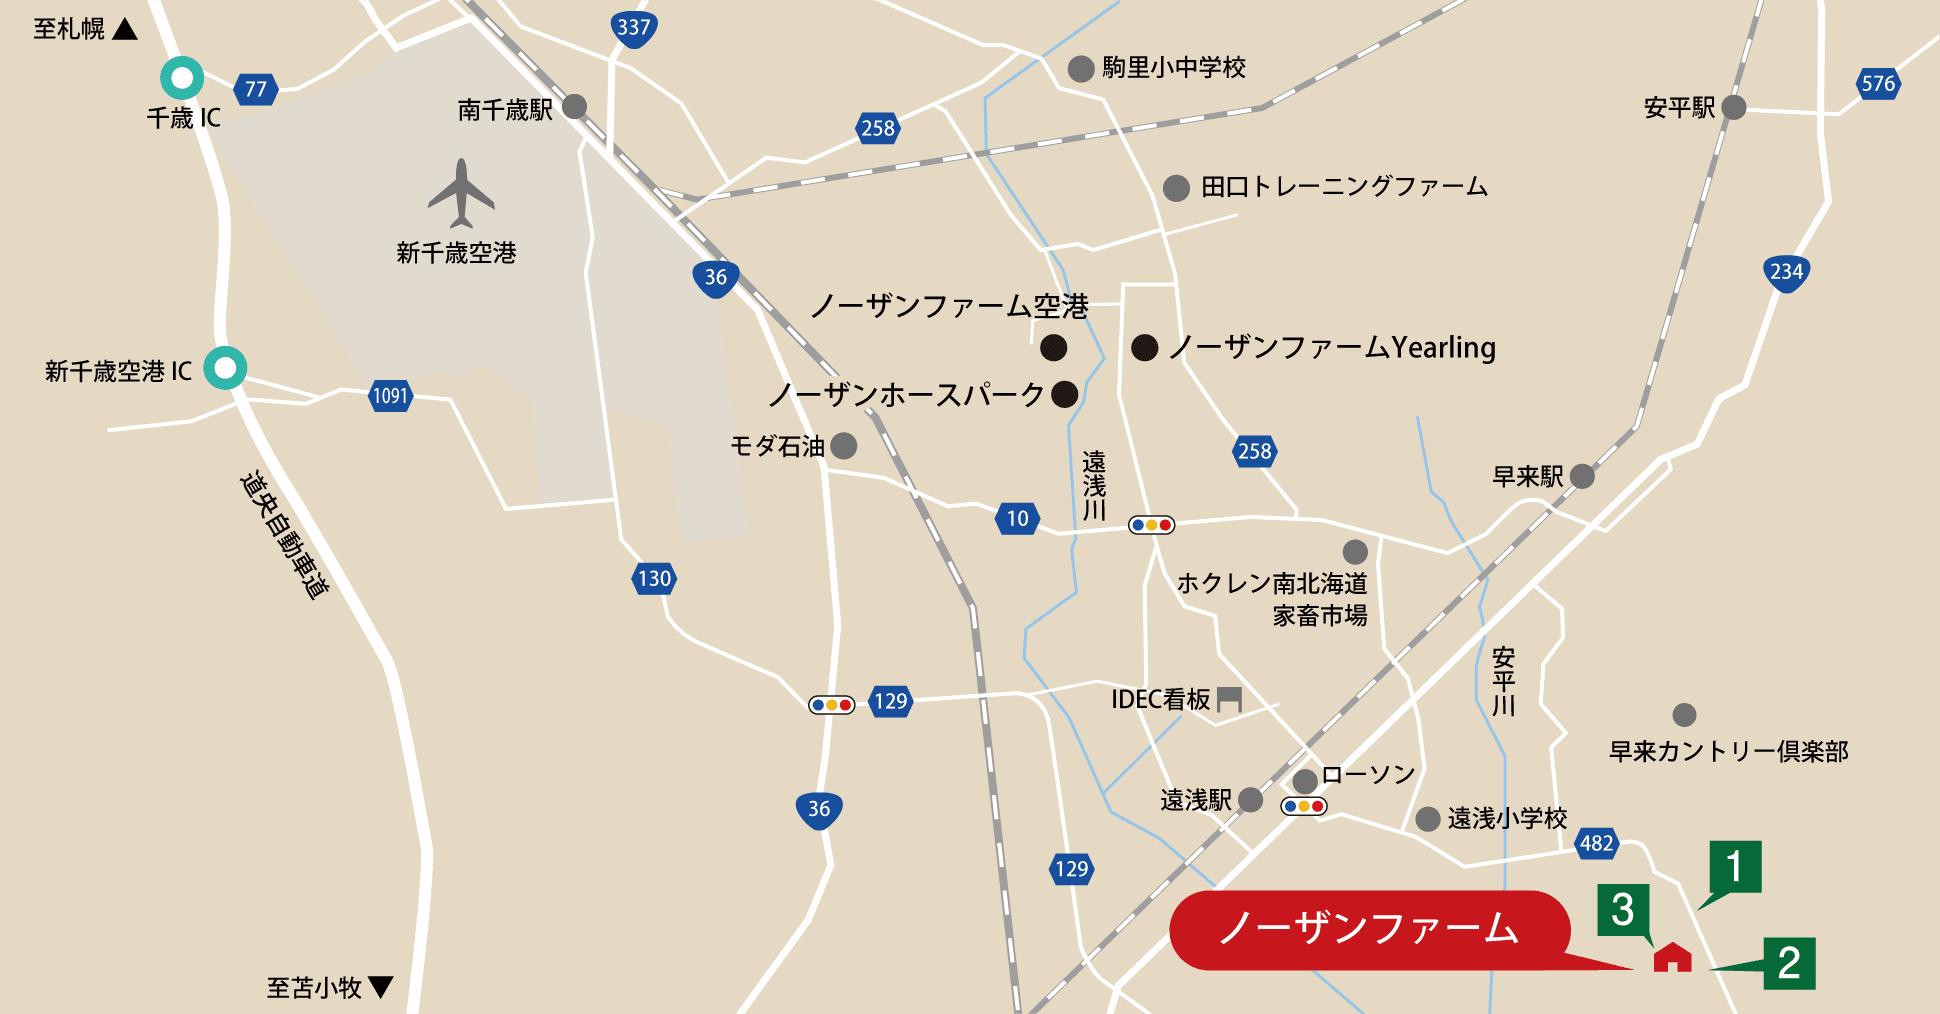 ノーザンファームアクセスマップ